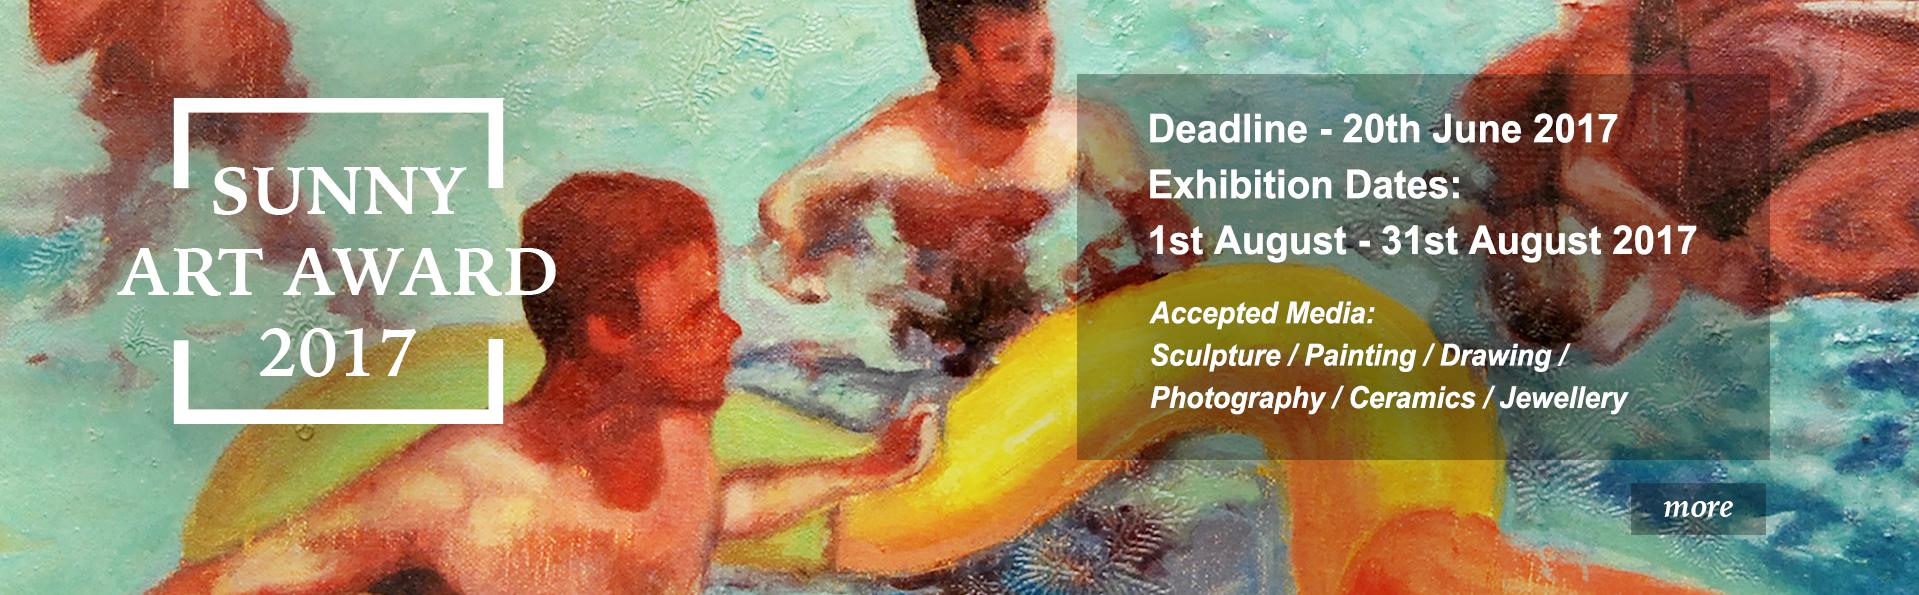 art-award-computer-slide